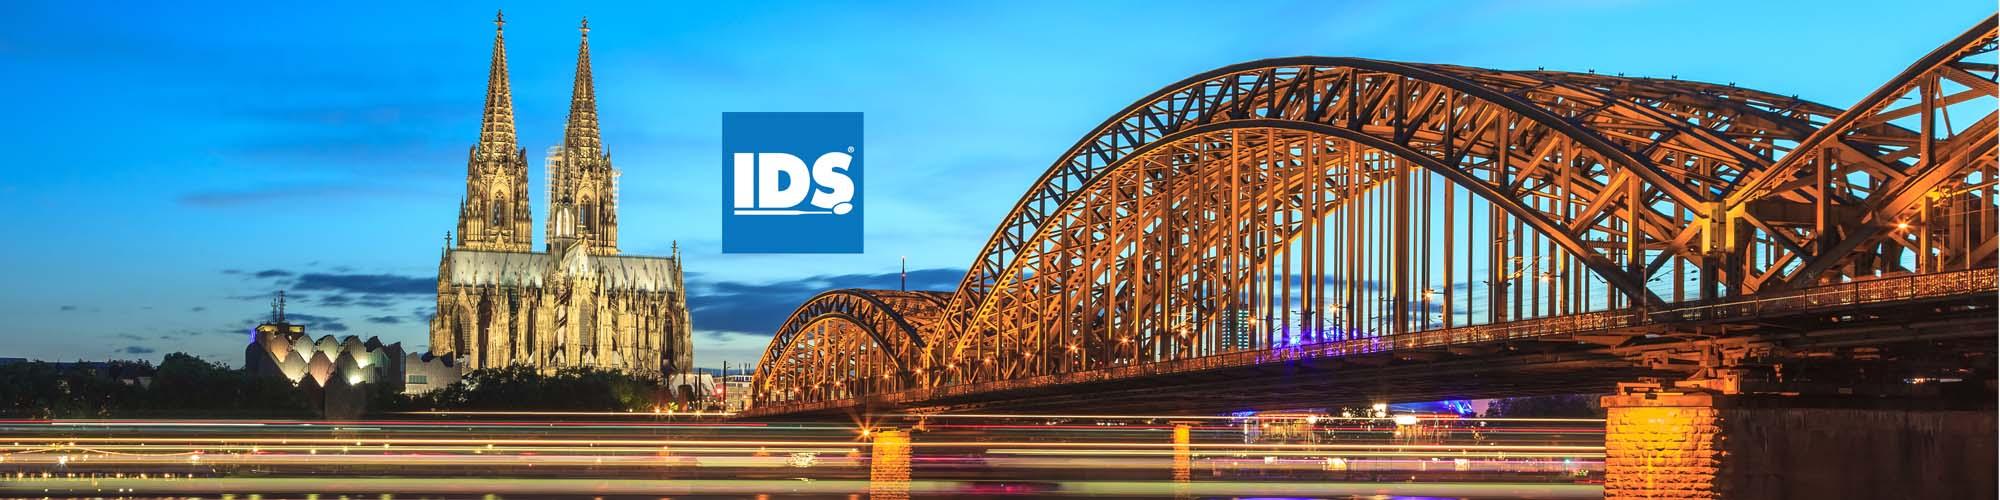 IDS 2017 VISInext - BDV Branchen-Daten-Verarbeitung GmbH